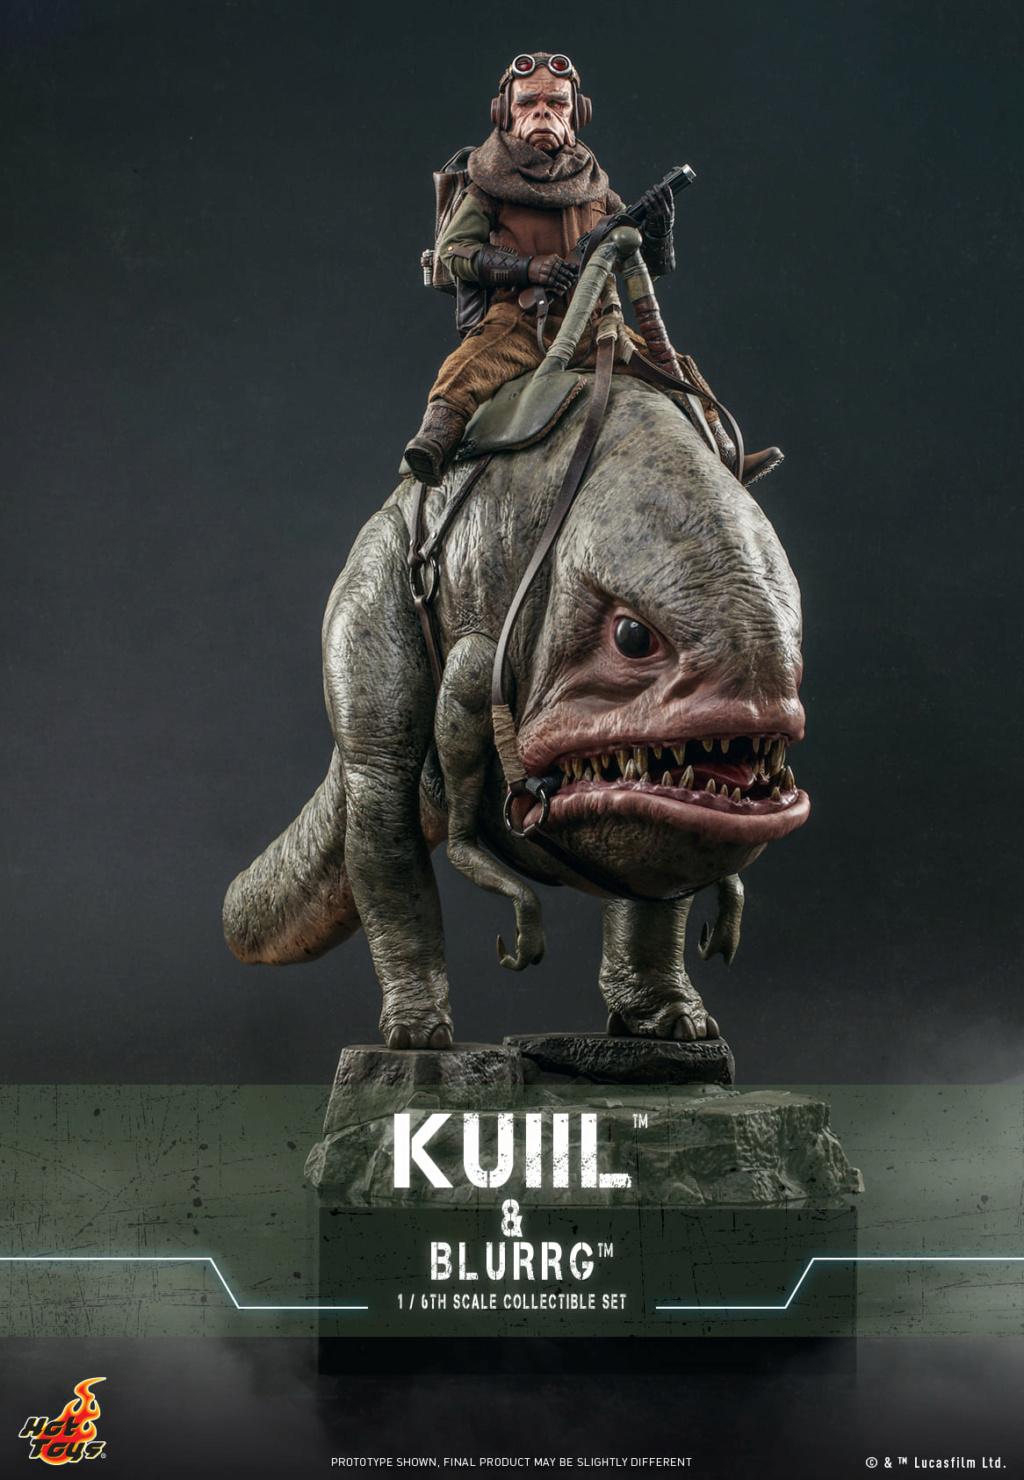 Kuiil & Blurrg Collectible Set - Star Wars - Hot Toys Kuiil_26